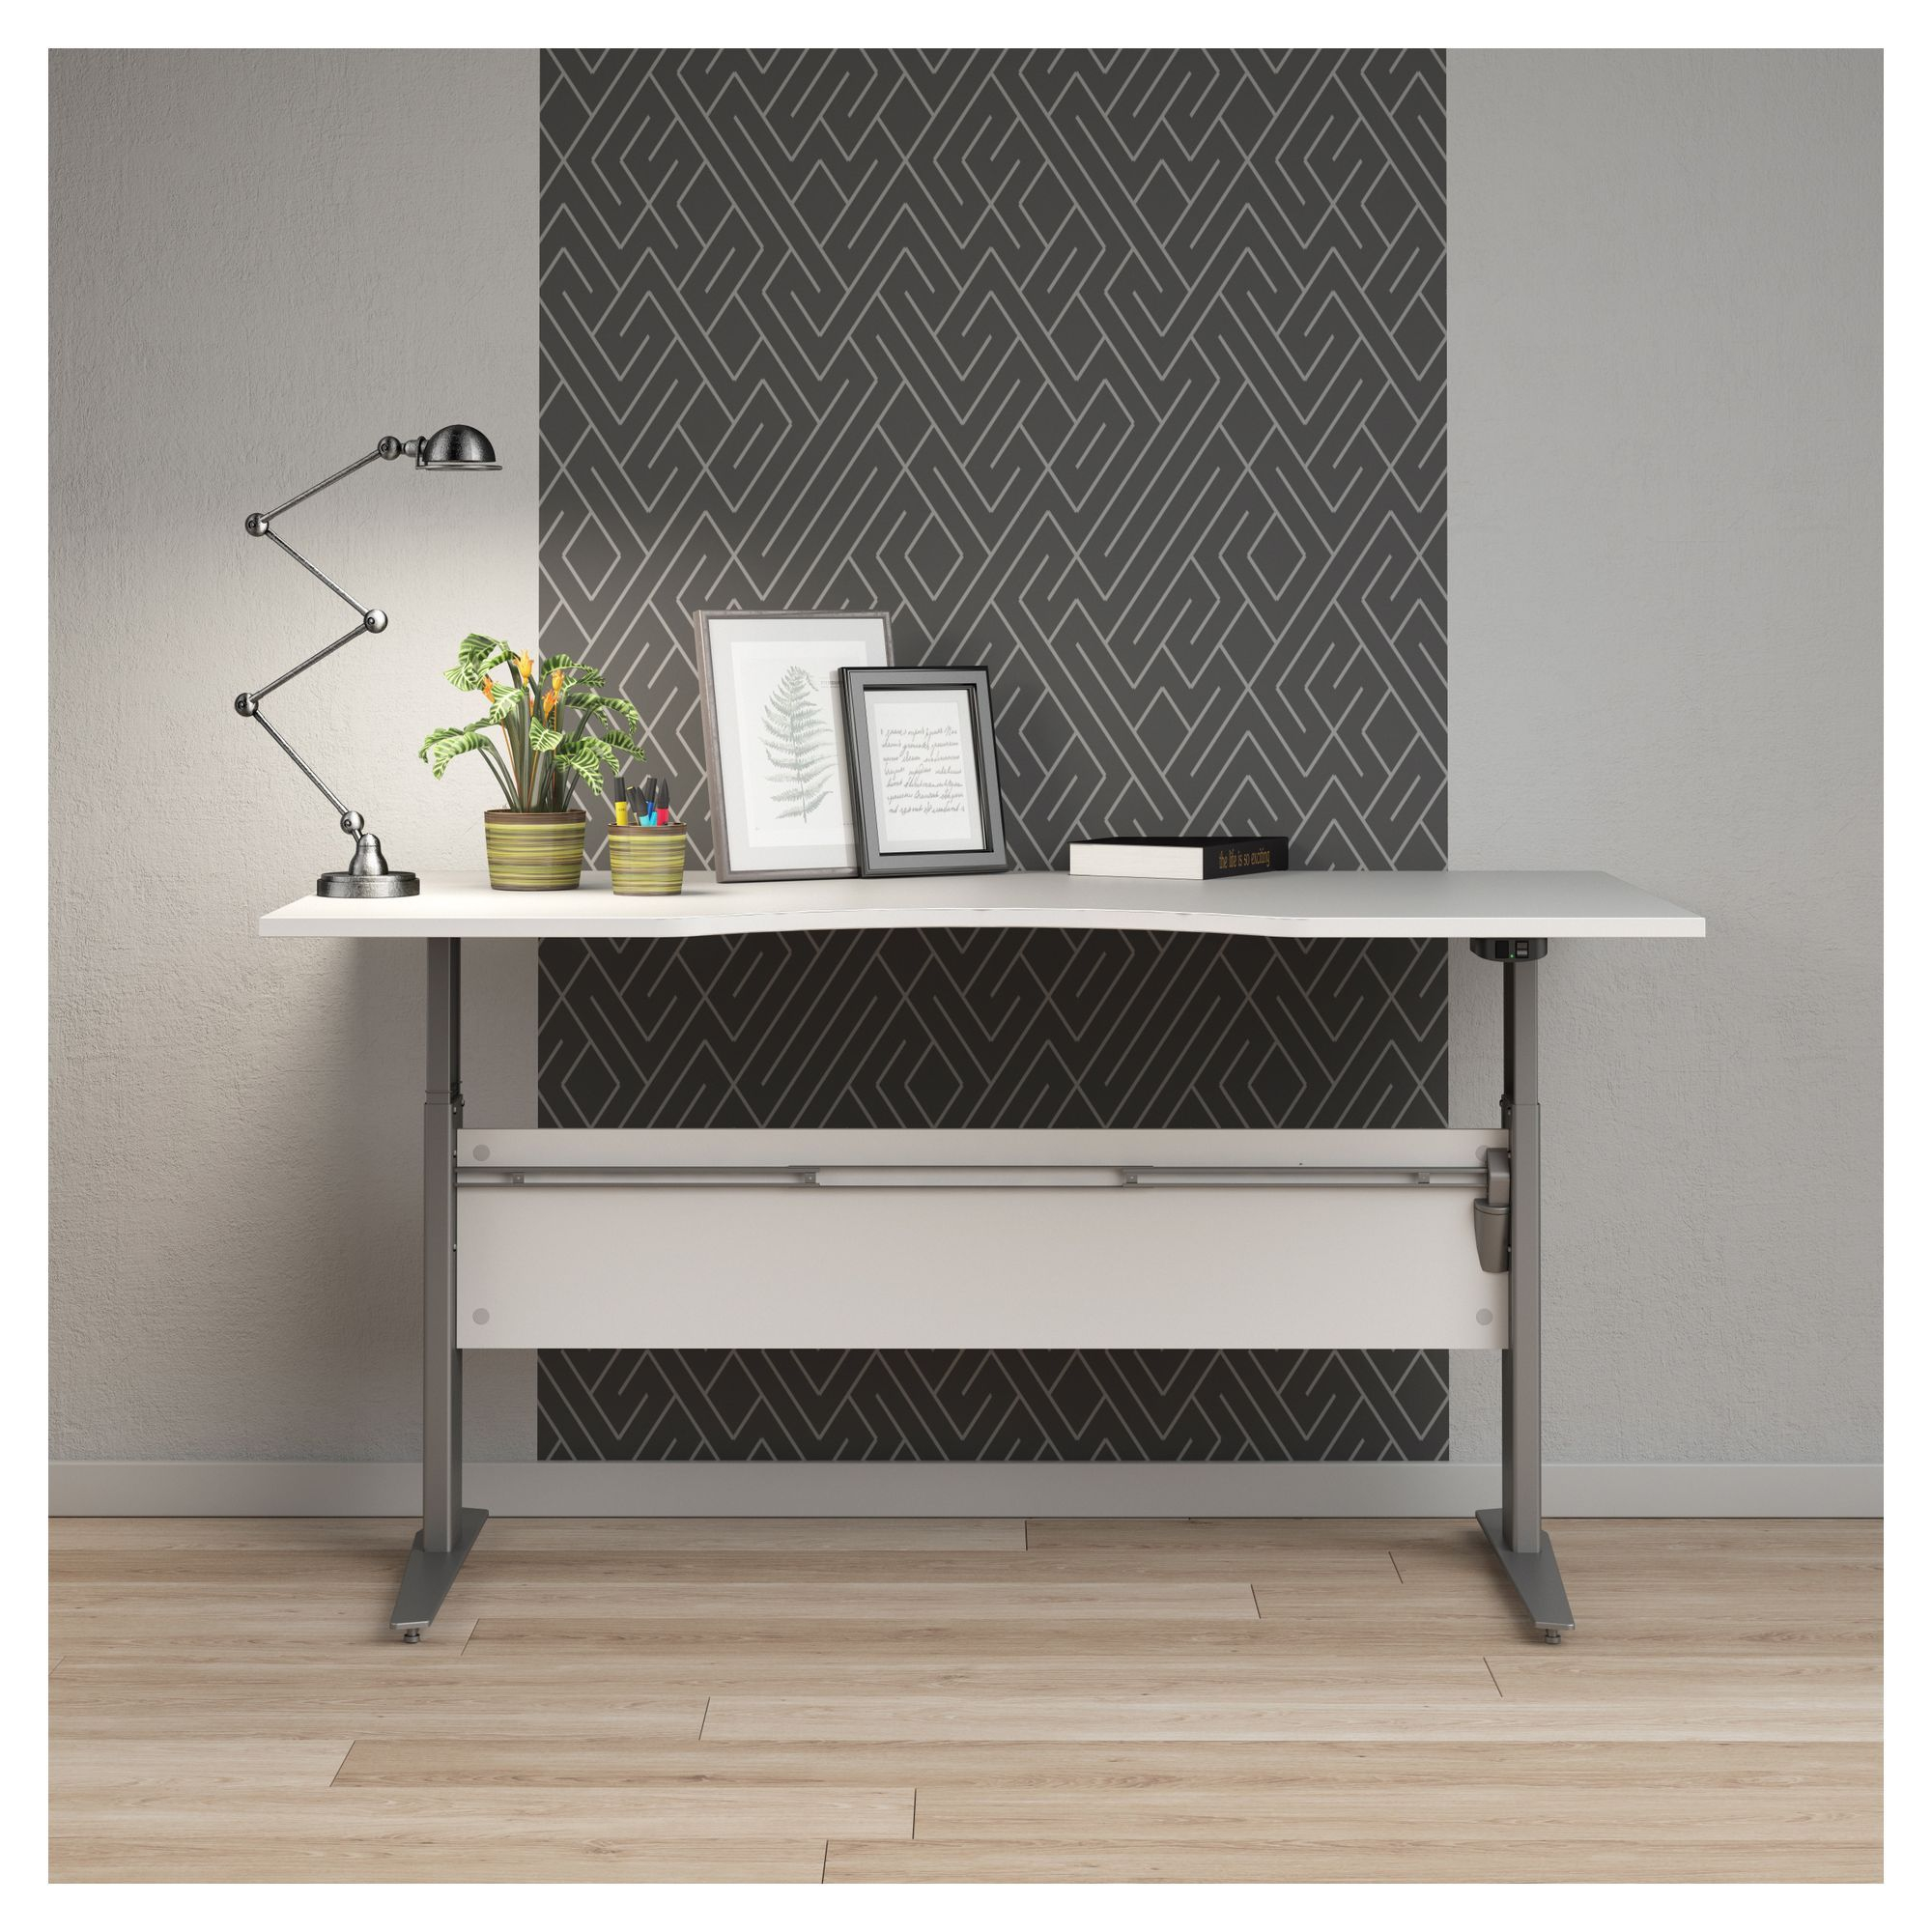 Prima Hæve/sænkebord - Hvid 180cm - Hæve/sænkebord i hvid - 180 cm